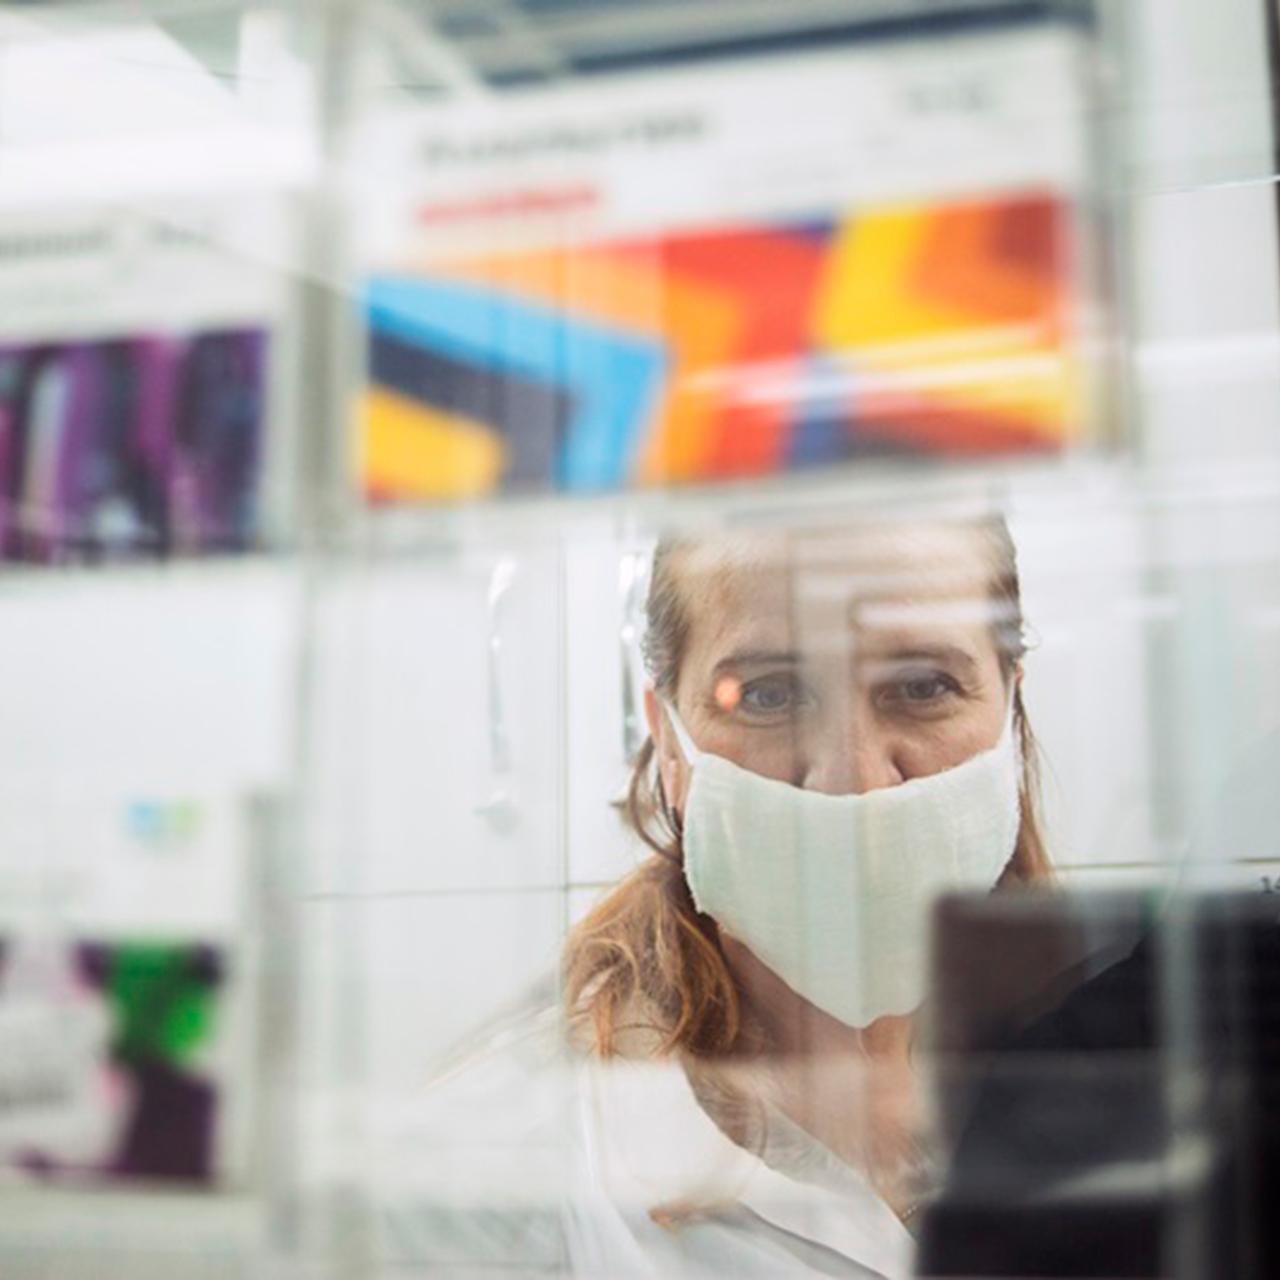 Россиян предупредили об опасности анальгина и аспирина при лечении  коронавируса: Общество: Россия: Lenta.ru